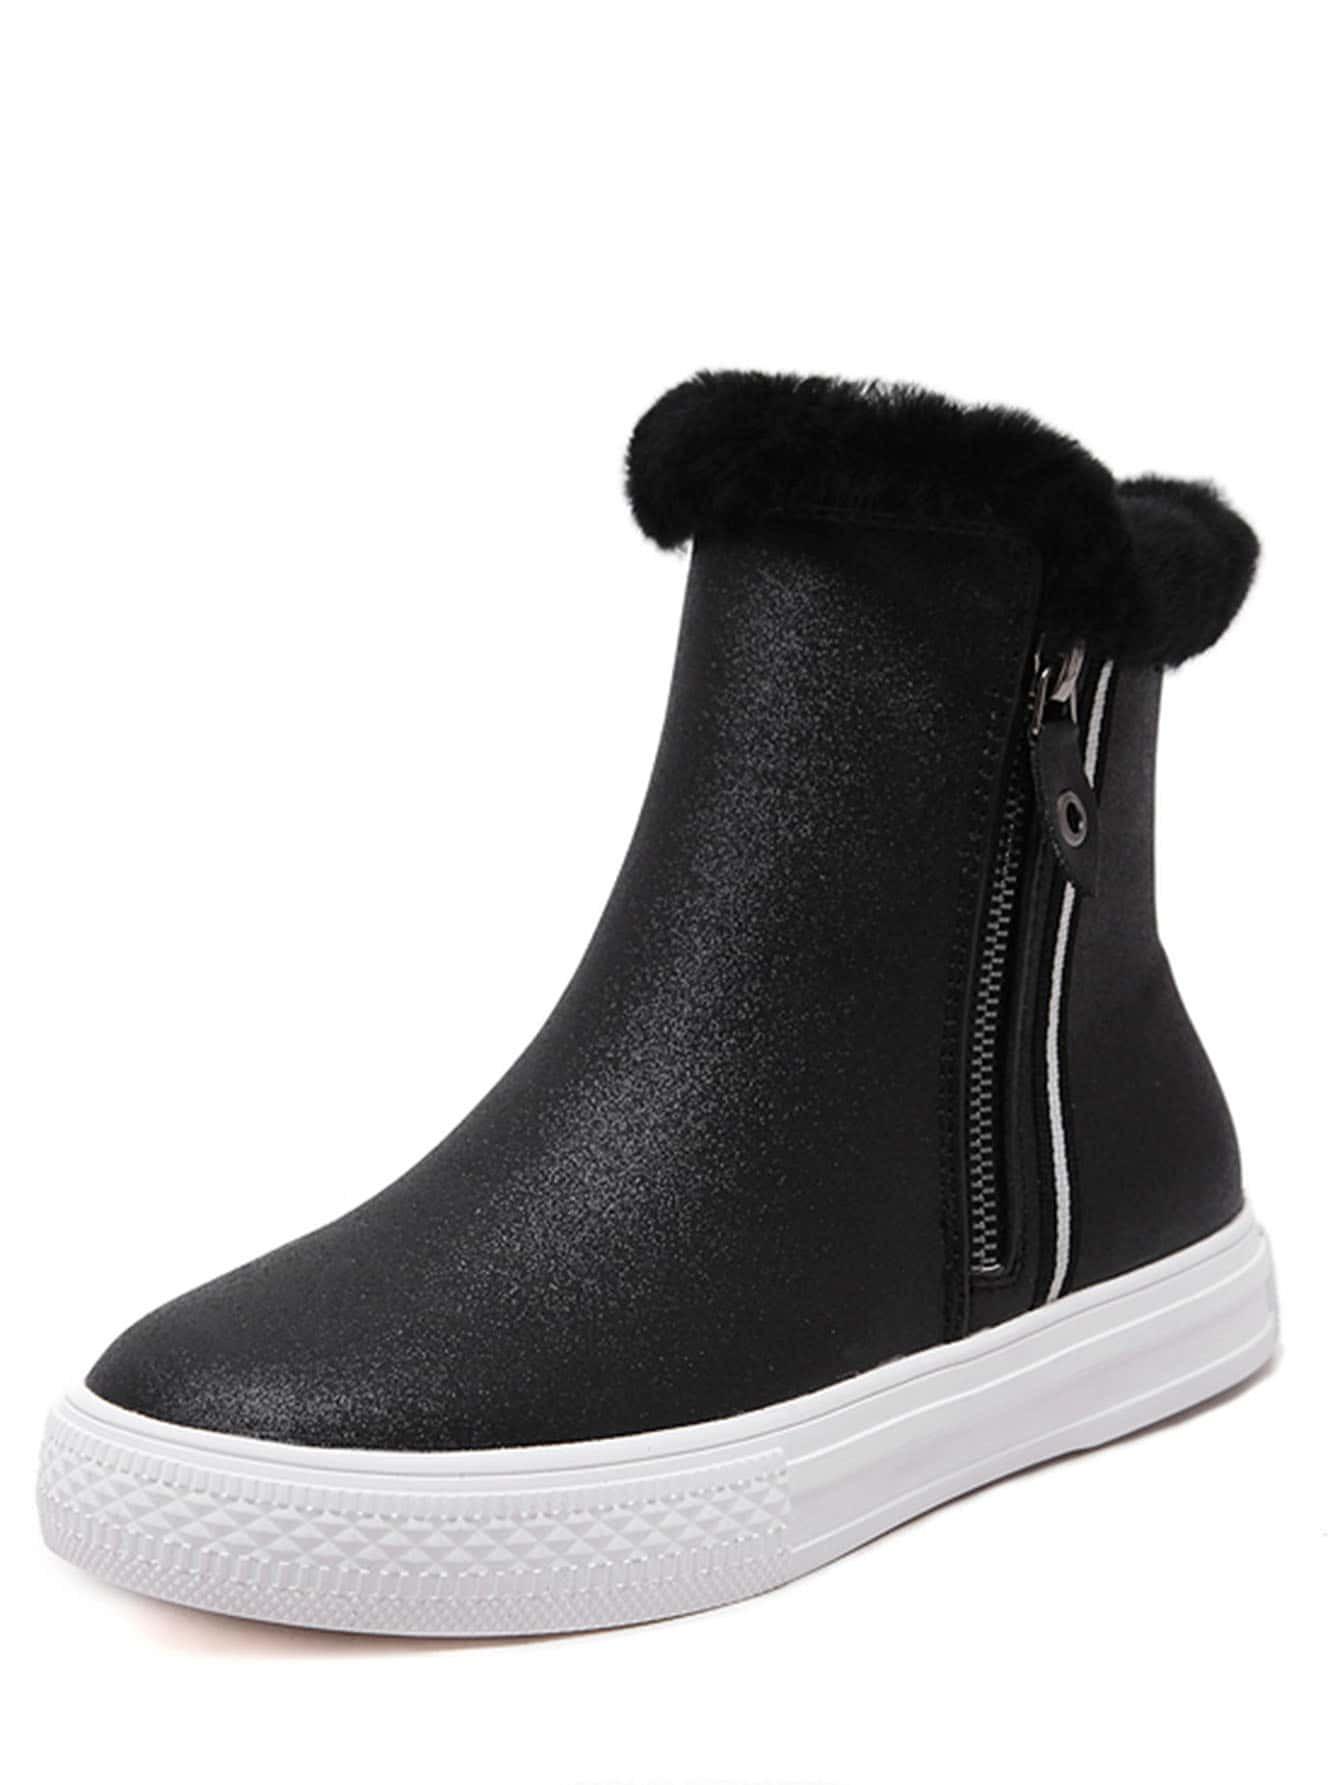 shoes161102812_2